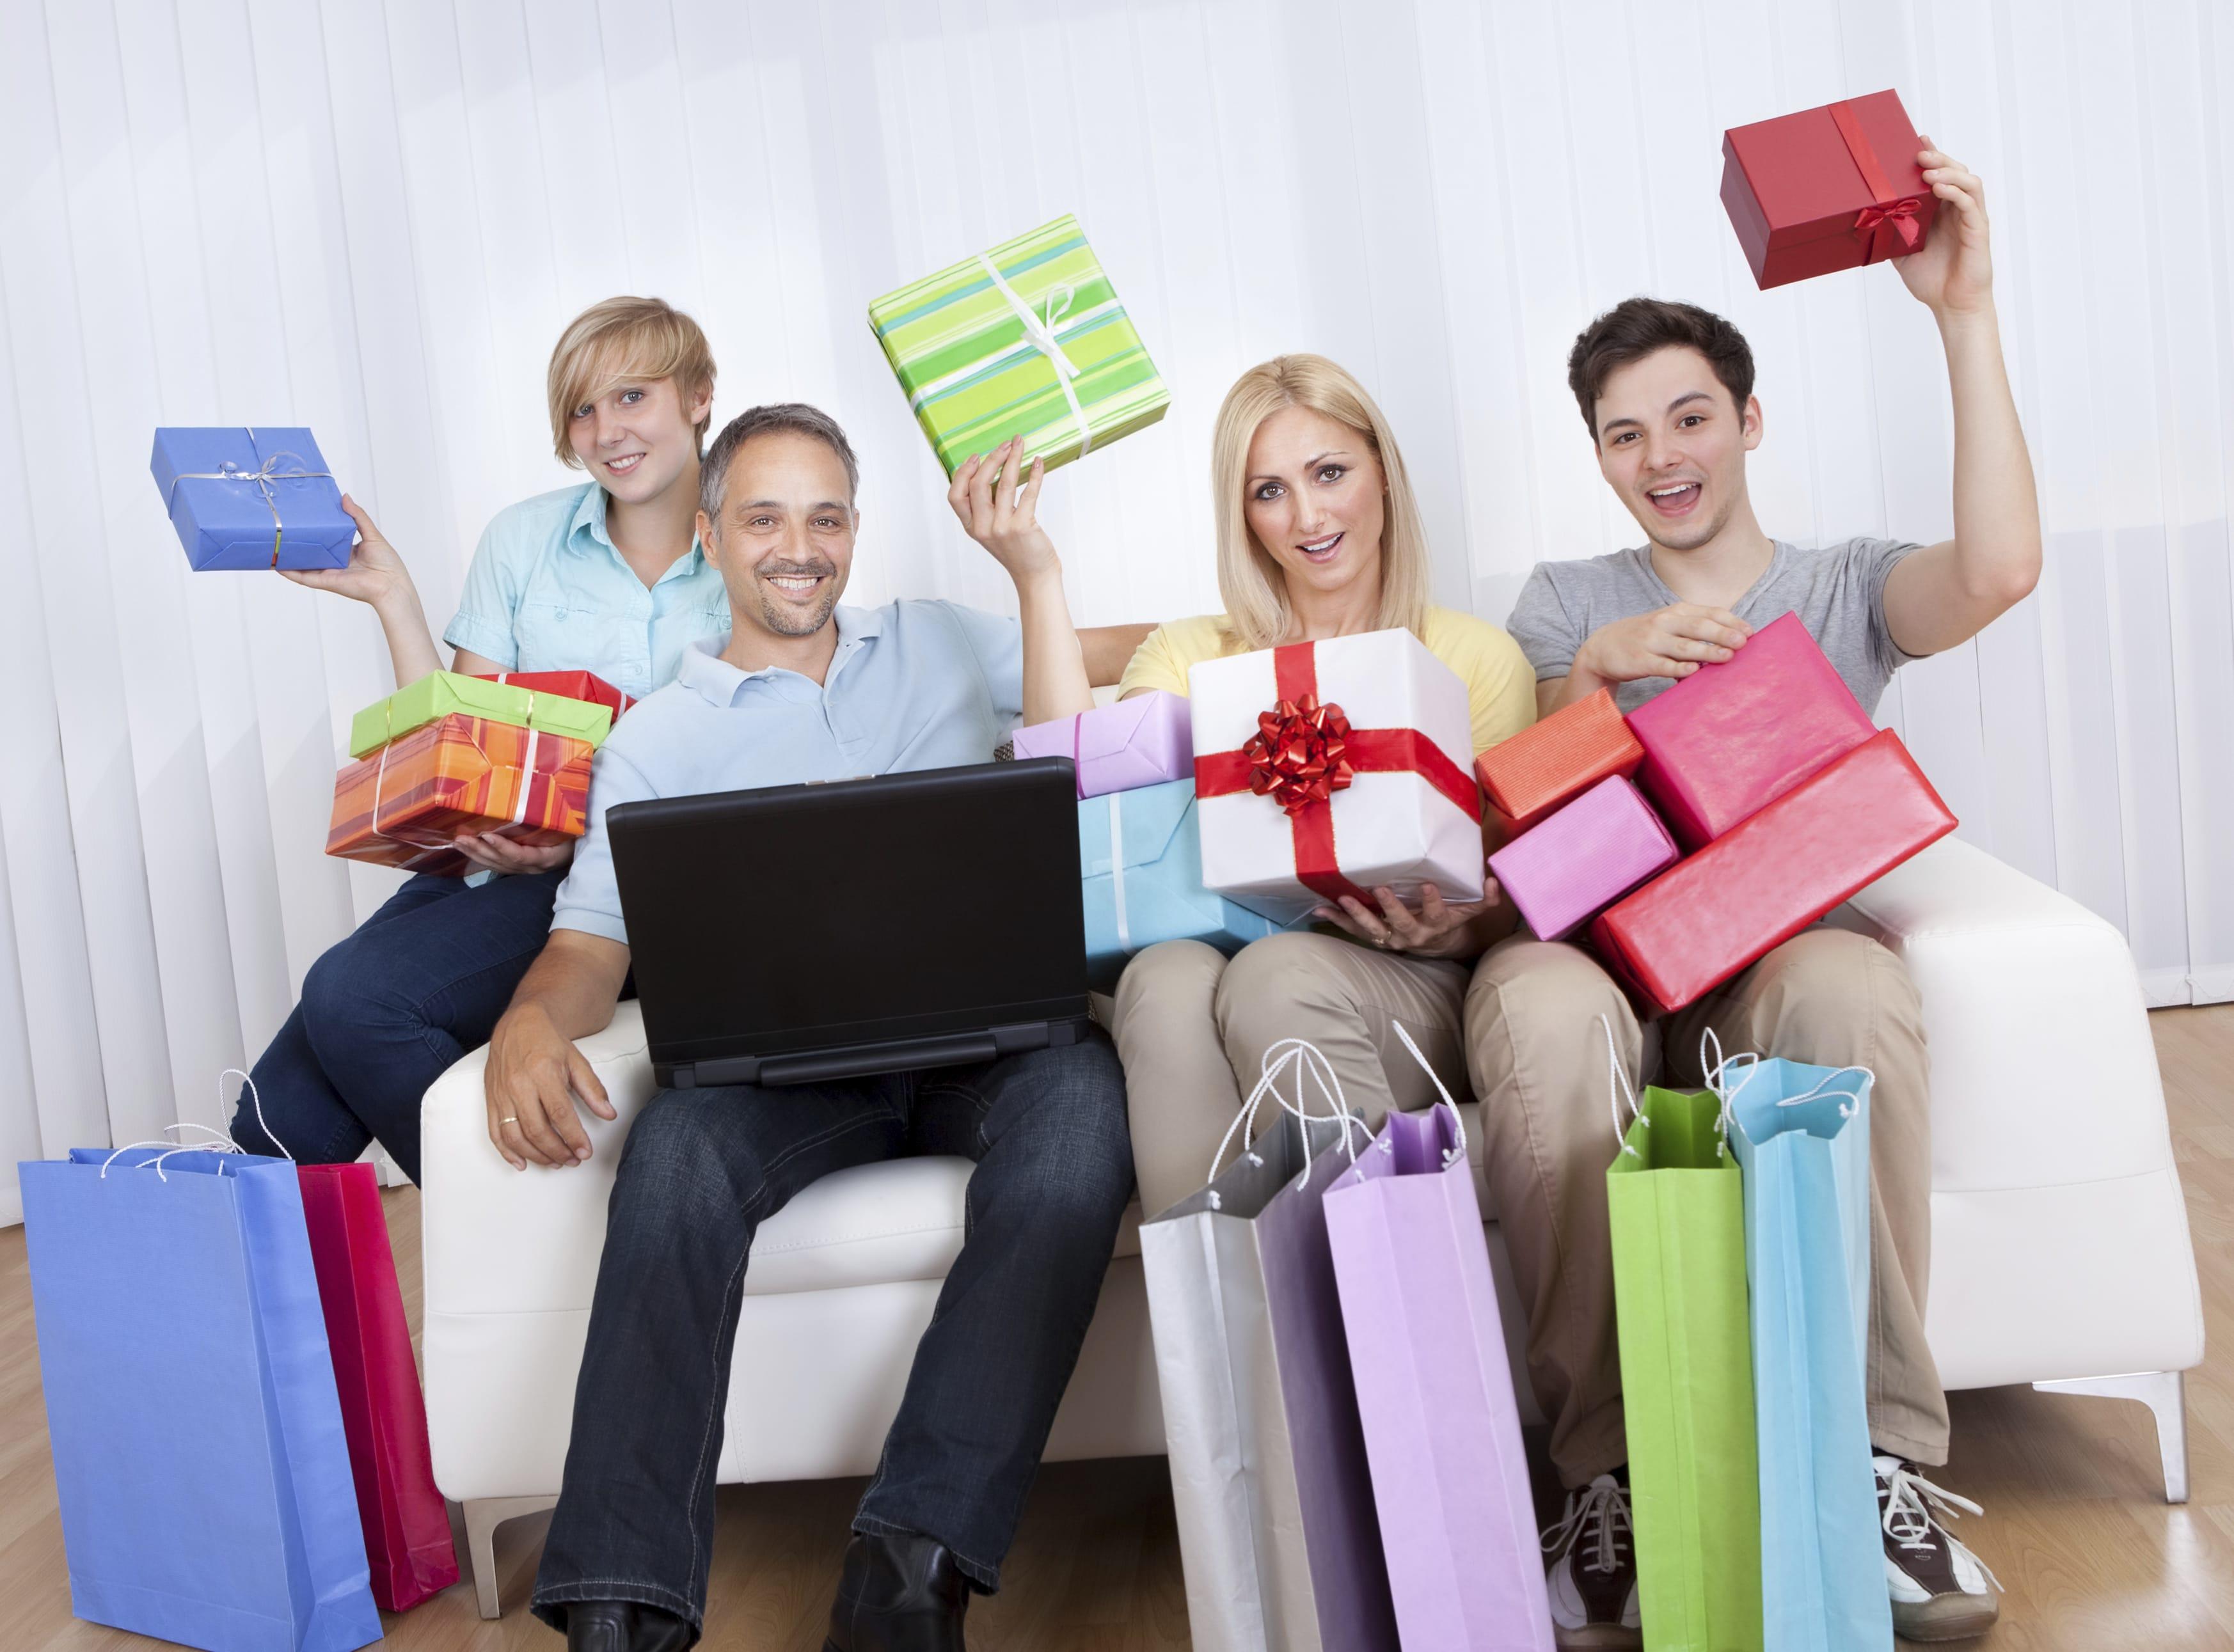 Acquisti online, tutti i modi semplici per risparmiare ed evitare sorprese